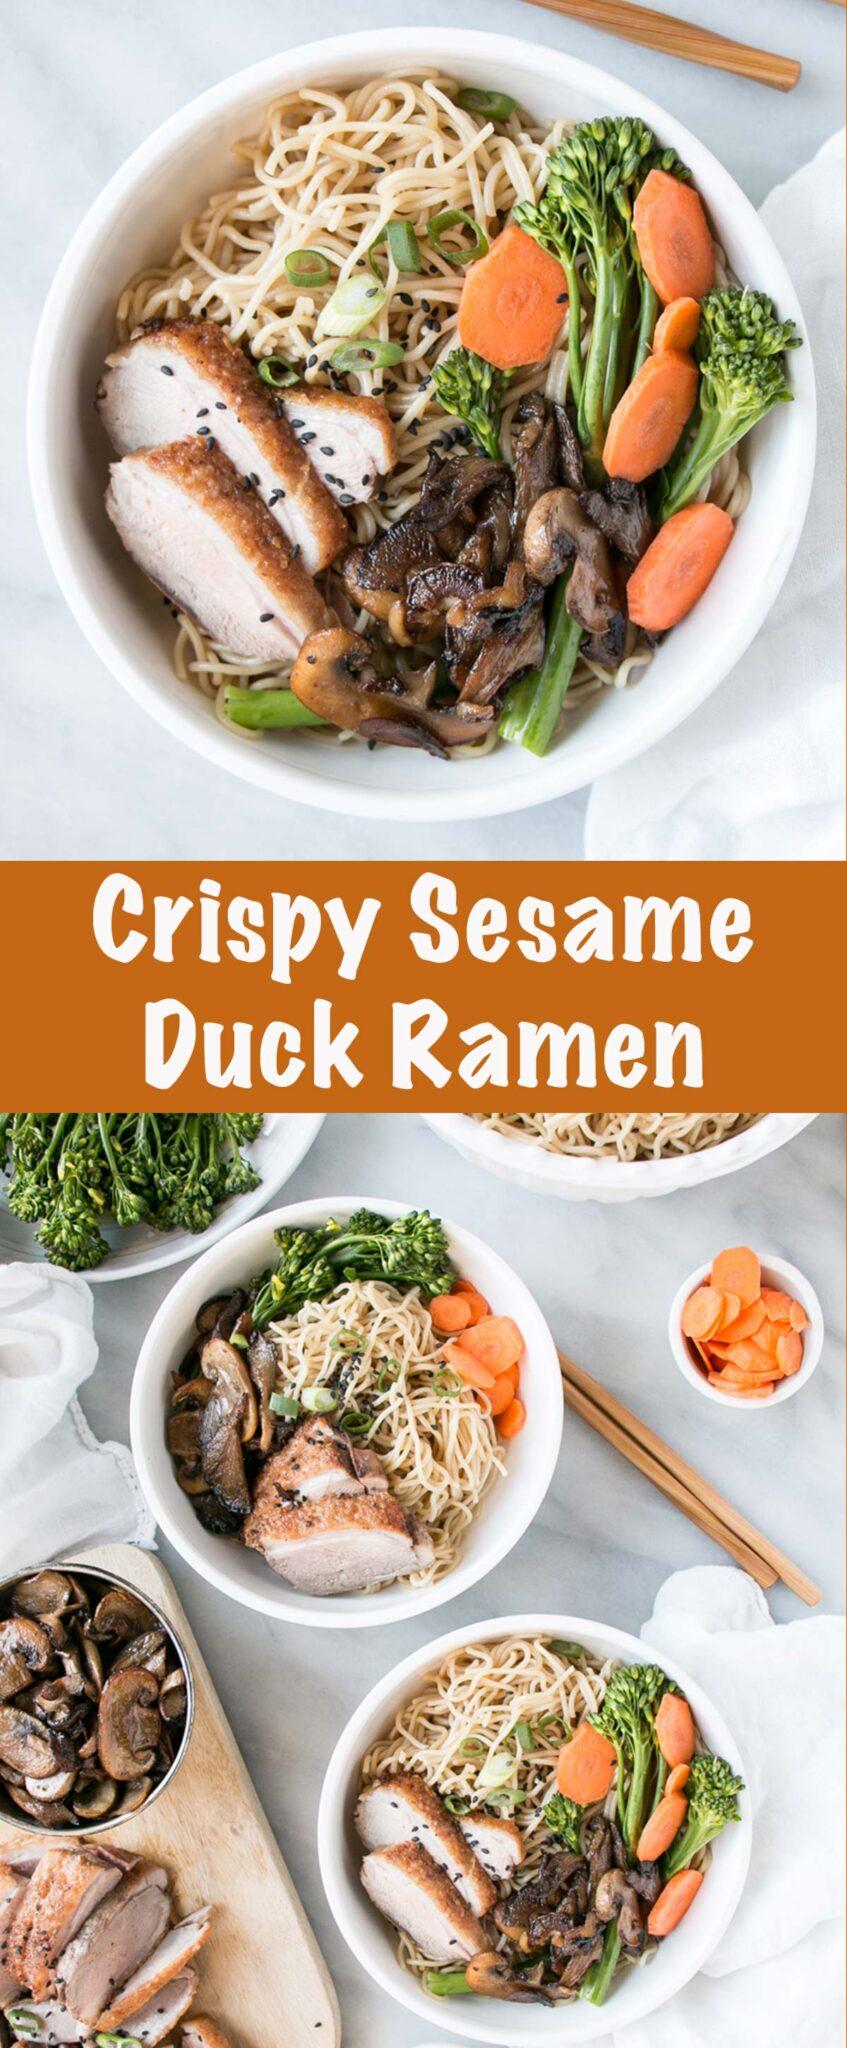 Crispy Sesame Duck Ramen PIN